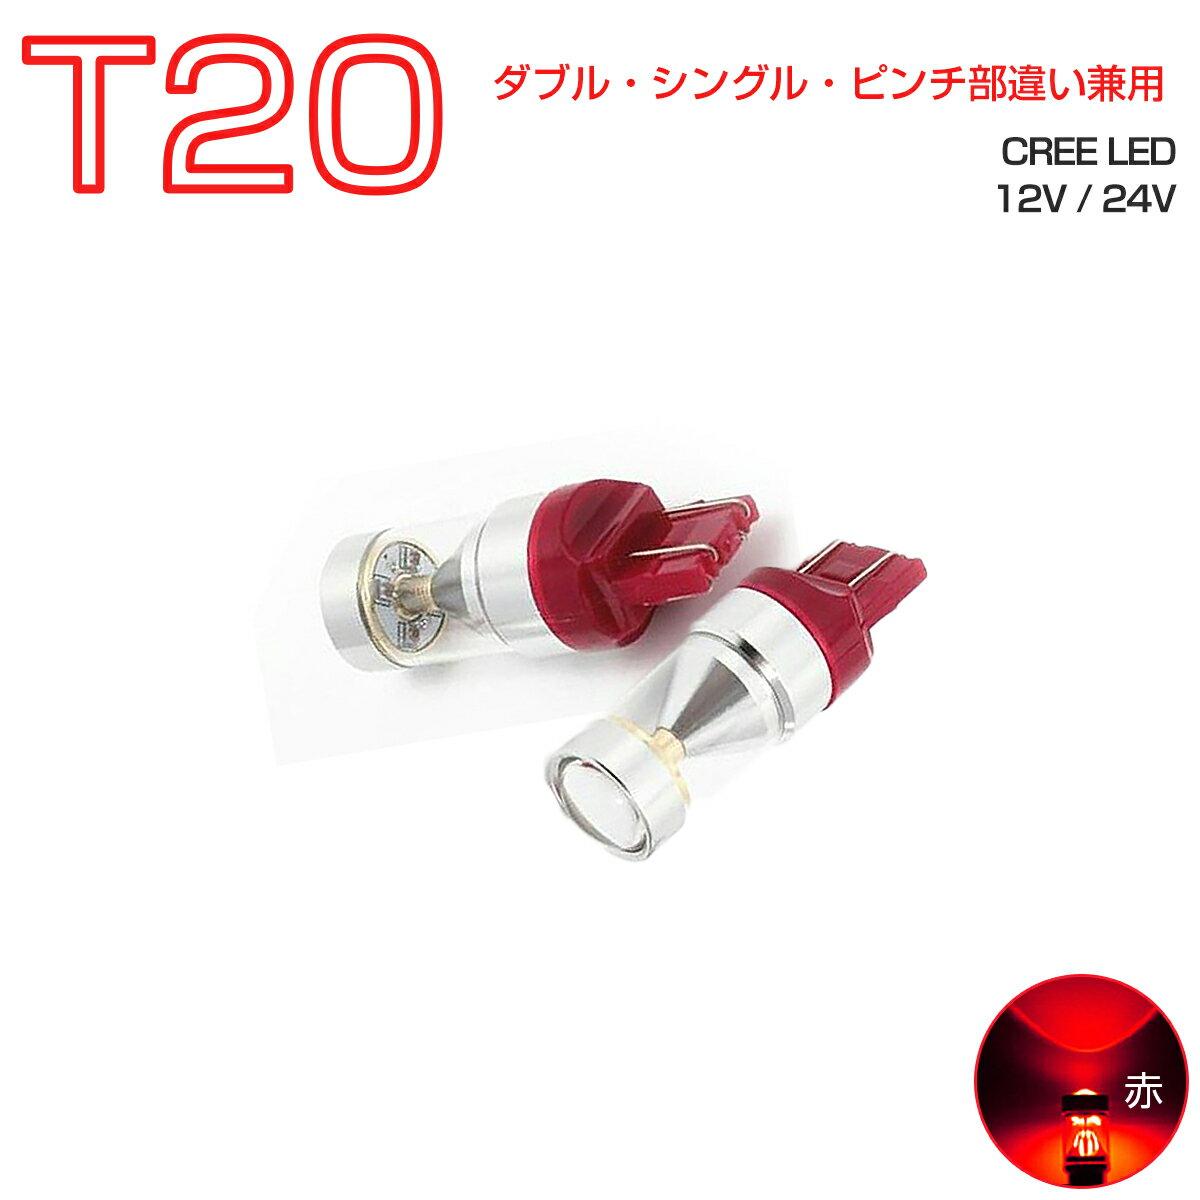 SUZUKI SX-4 セダン H19.7〜 YC11S ハロゲン仕様 ブレーキ テール&ストップ [T20ダブル] 発光色 レッド 2個入り CREE LED T20 ネコポス便送料無料 6ヶ月保証 K&M